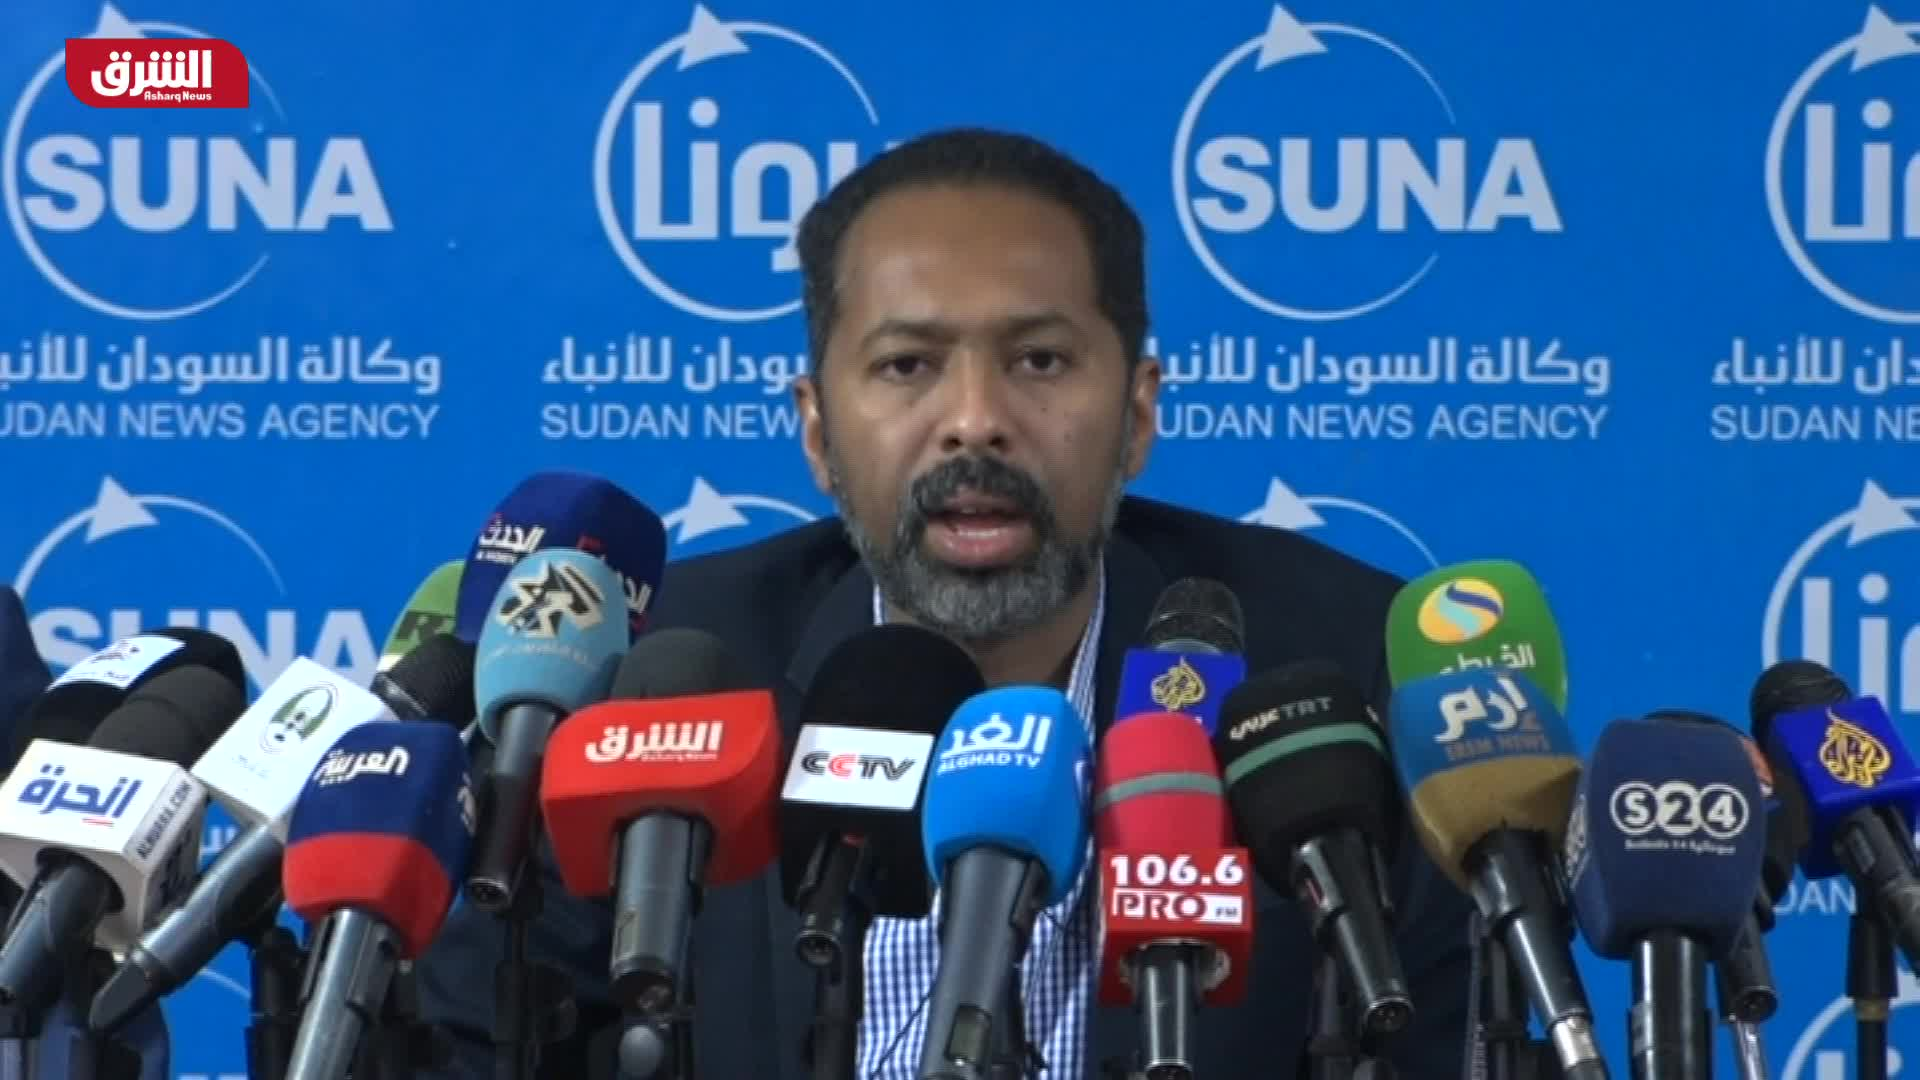 مؤتمر صحفي لوزراء في الحكومة الانتقالية السودانية